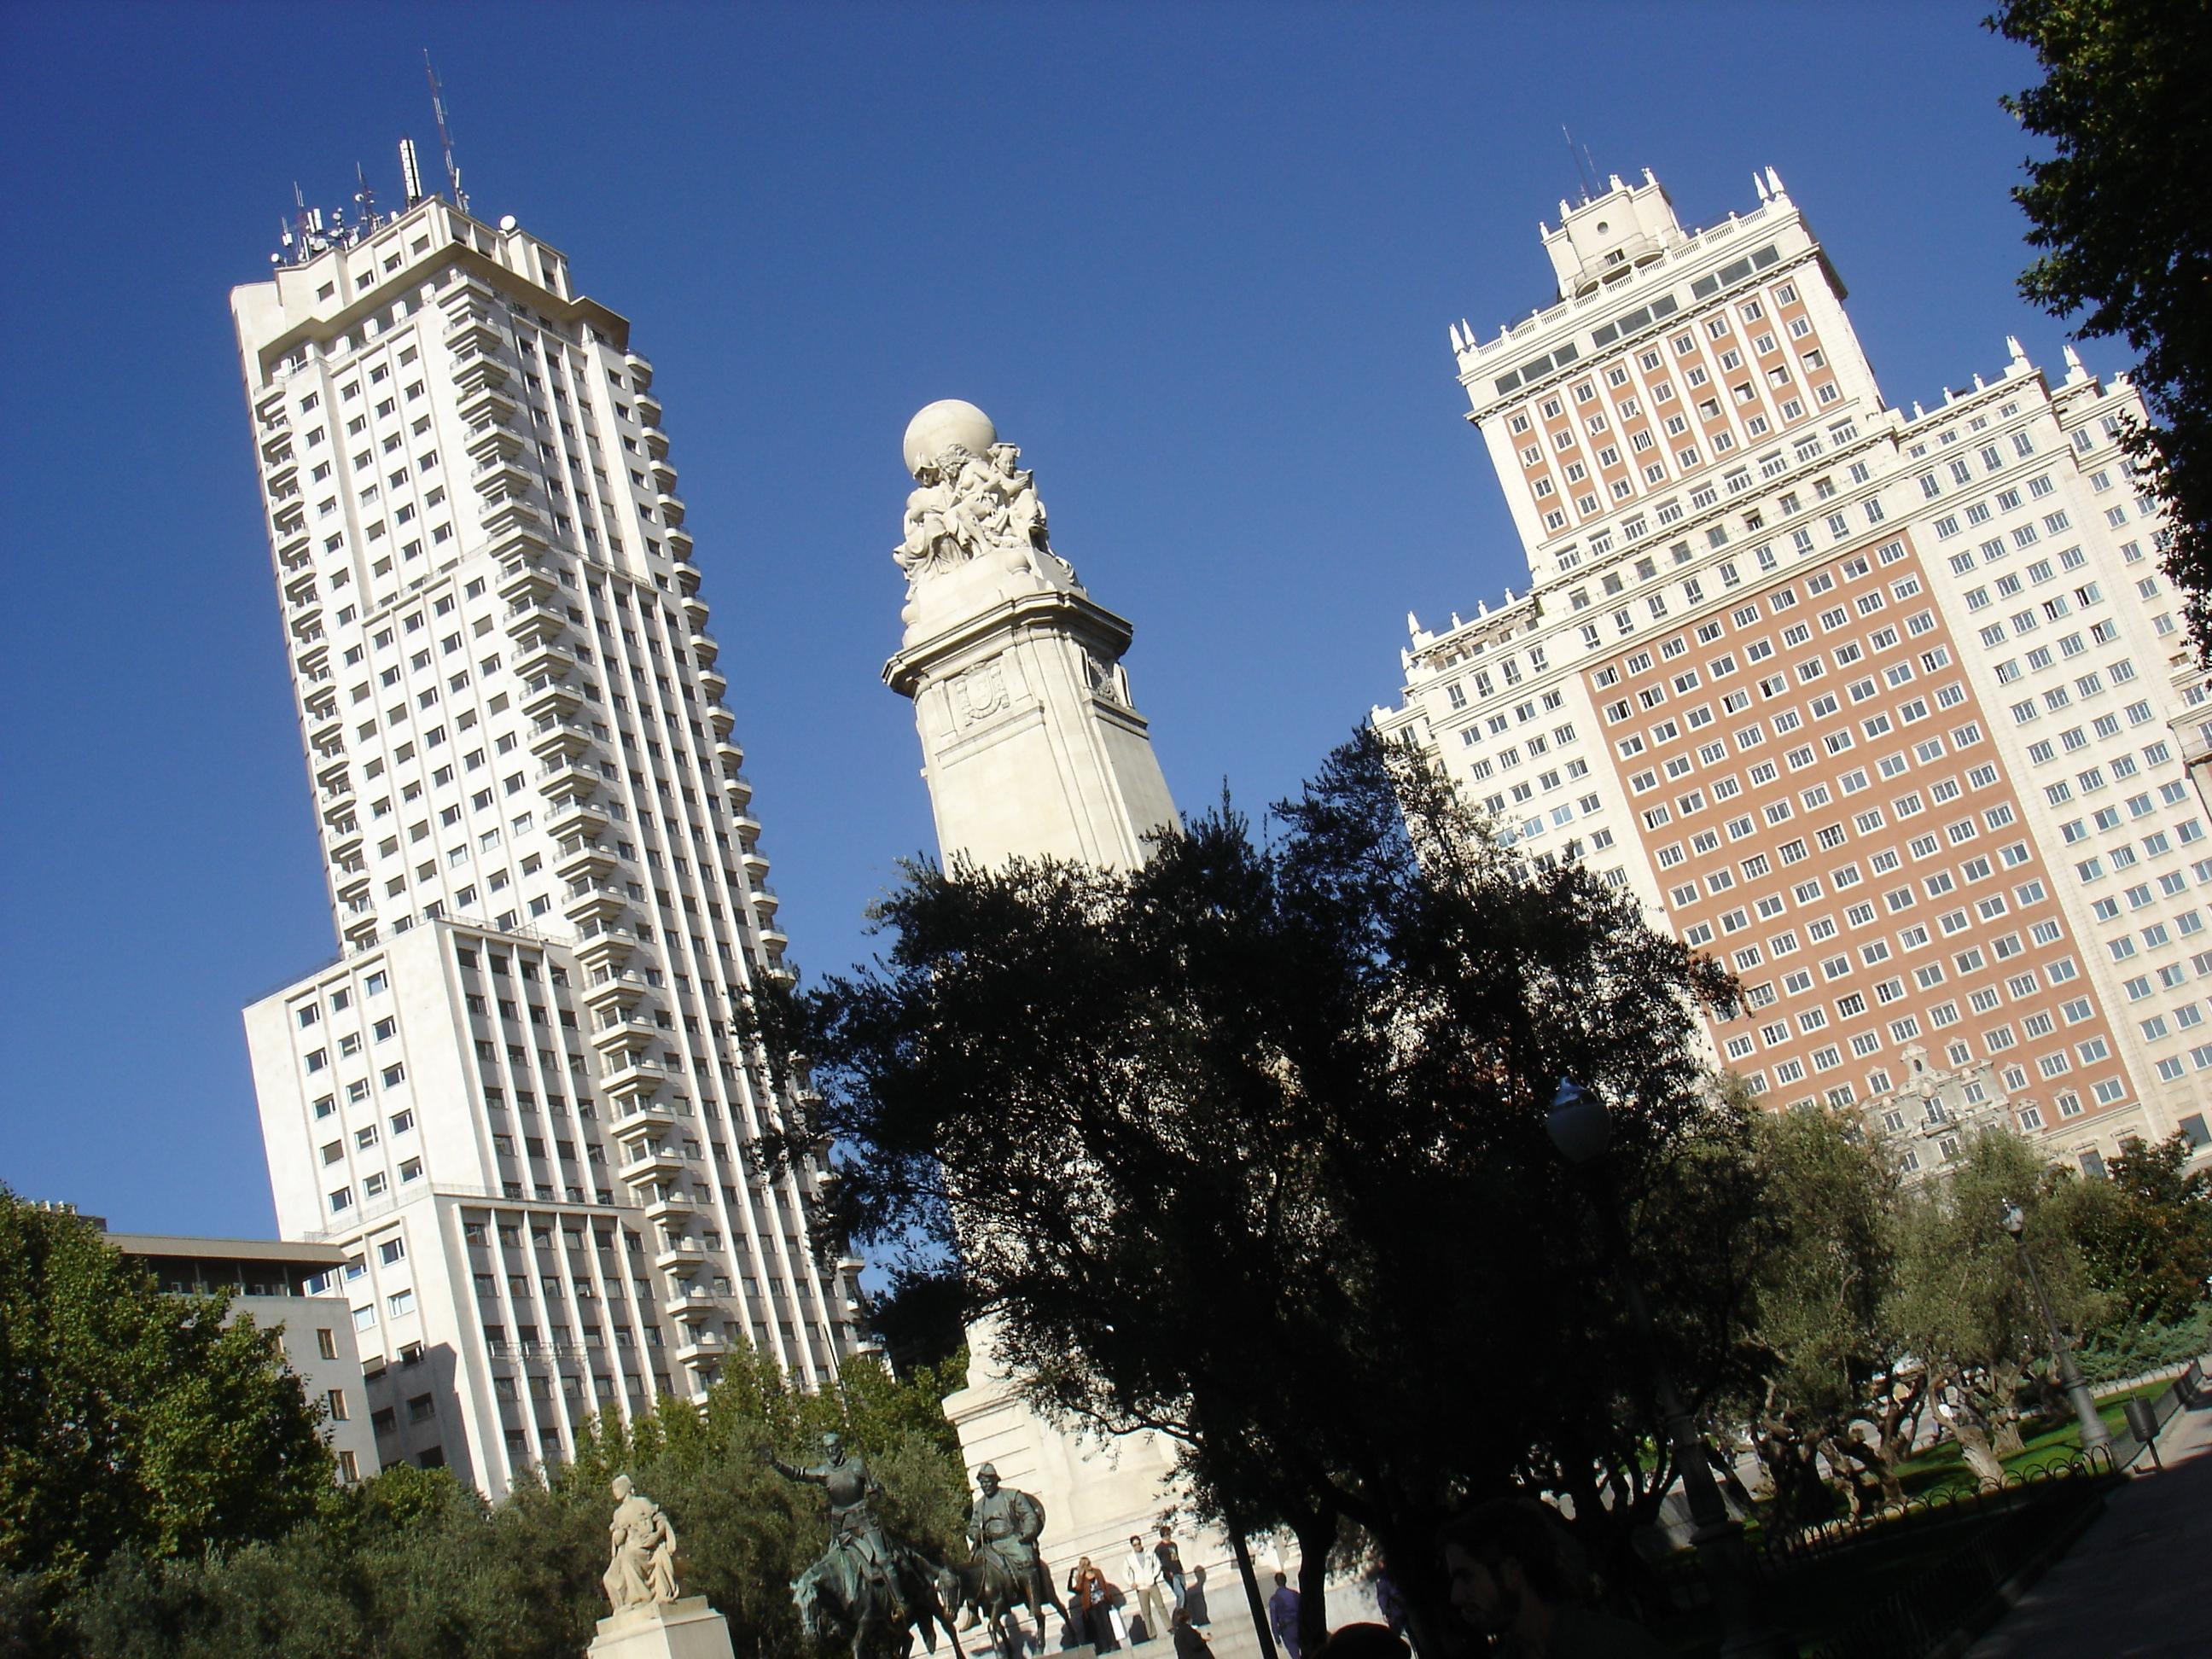 2013-09-30-Madridvs.LisbonTallbuildings.JPG